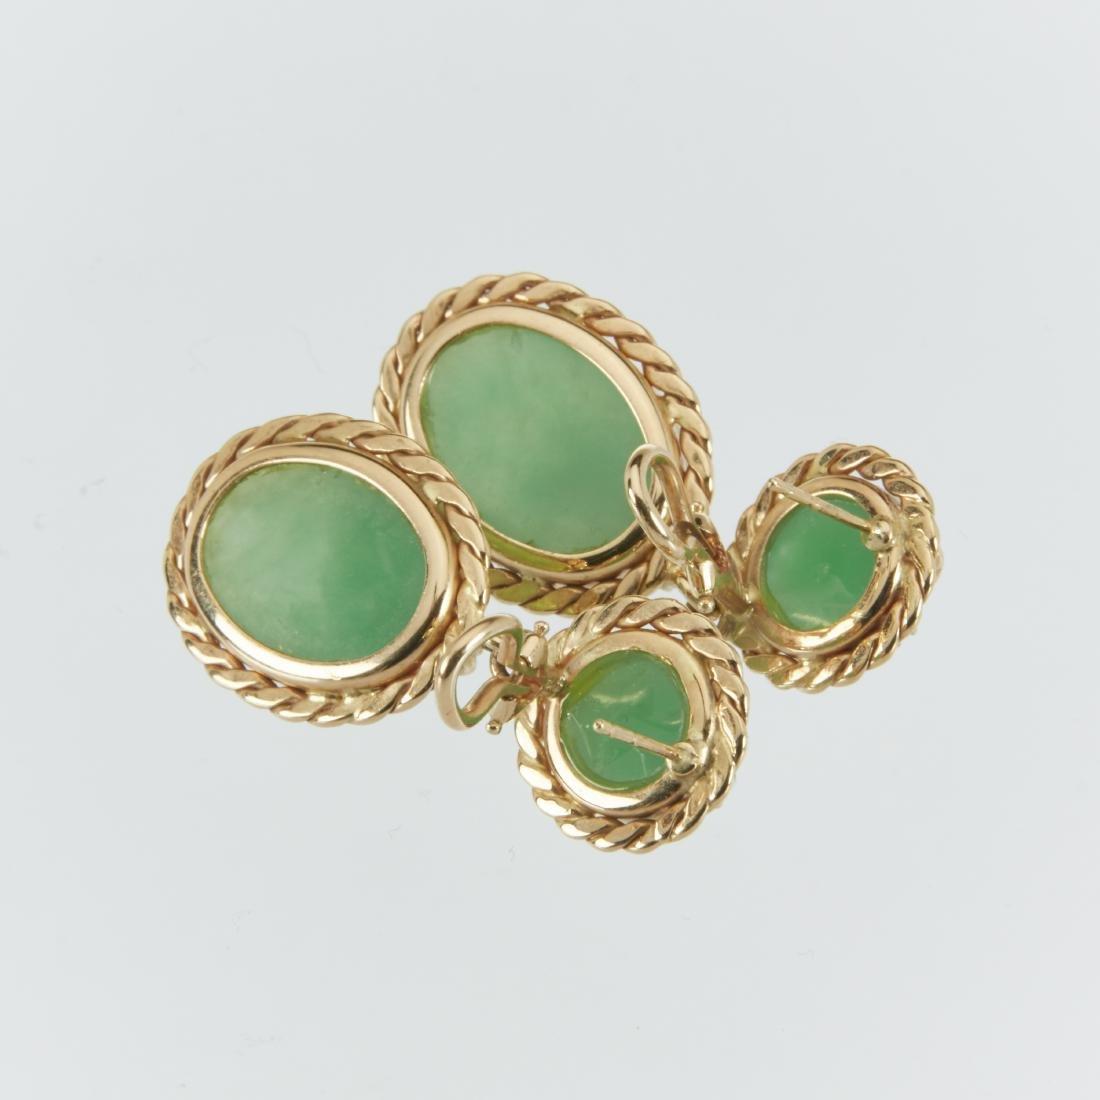 A 14K & Jade Ring & Earrings Set - 7